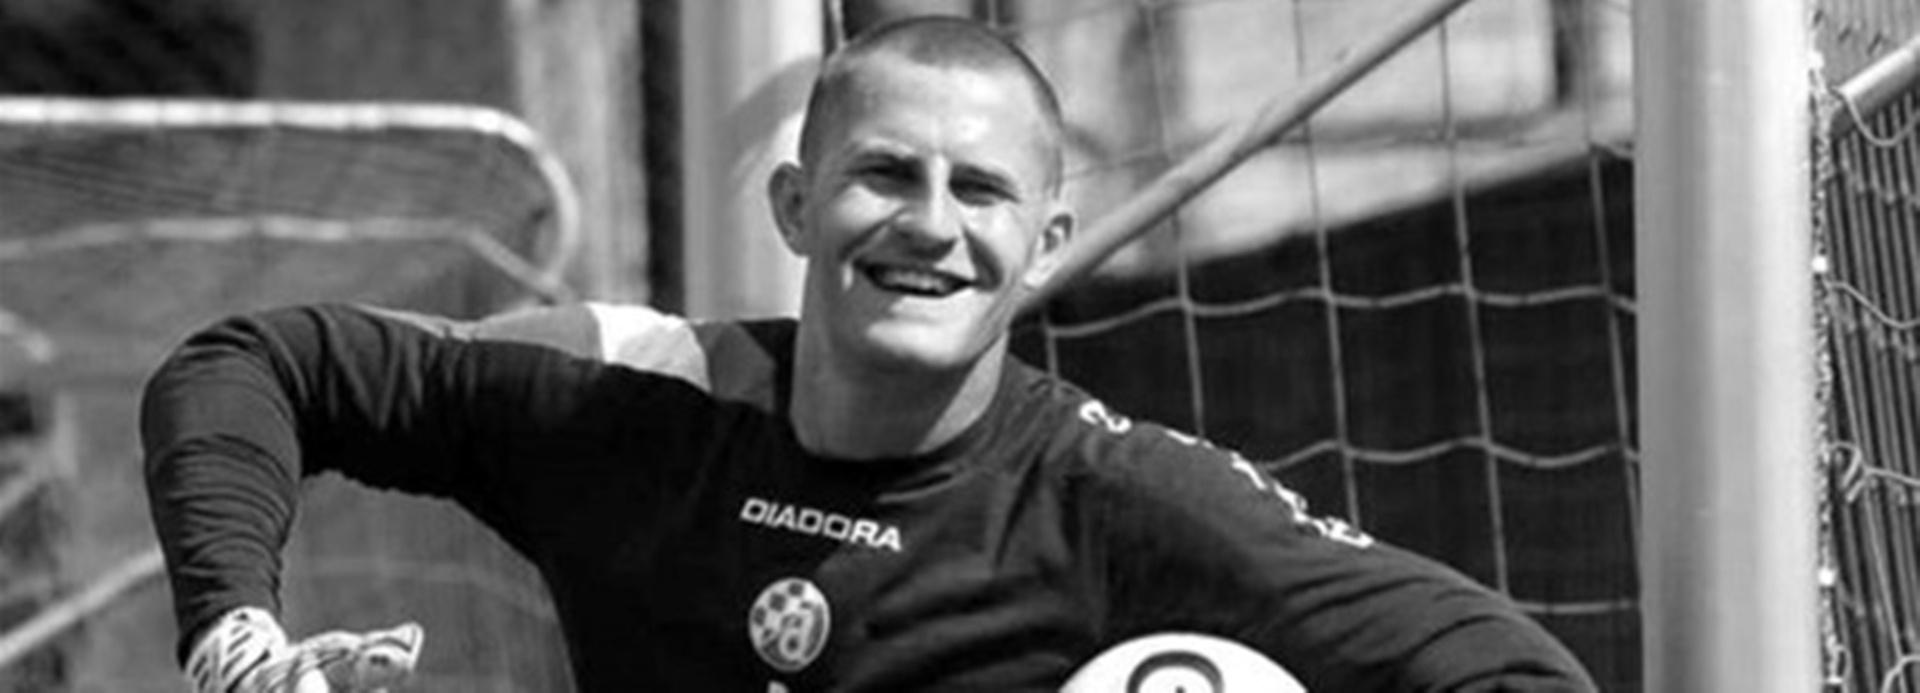 KOBNI SPORT Sve duža lista preminulih nogometaša